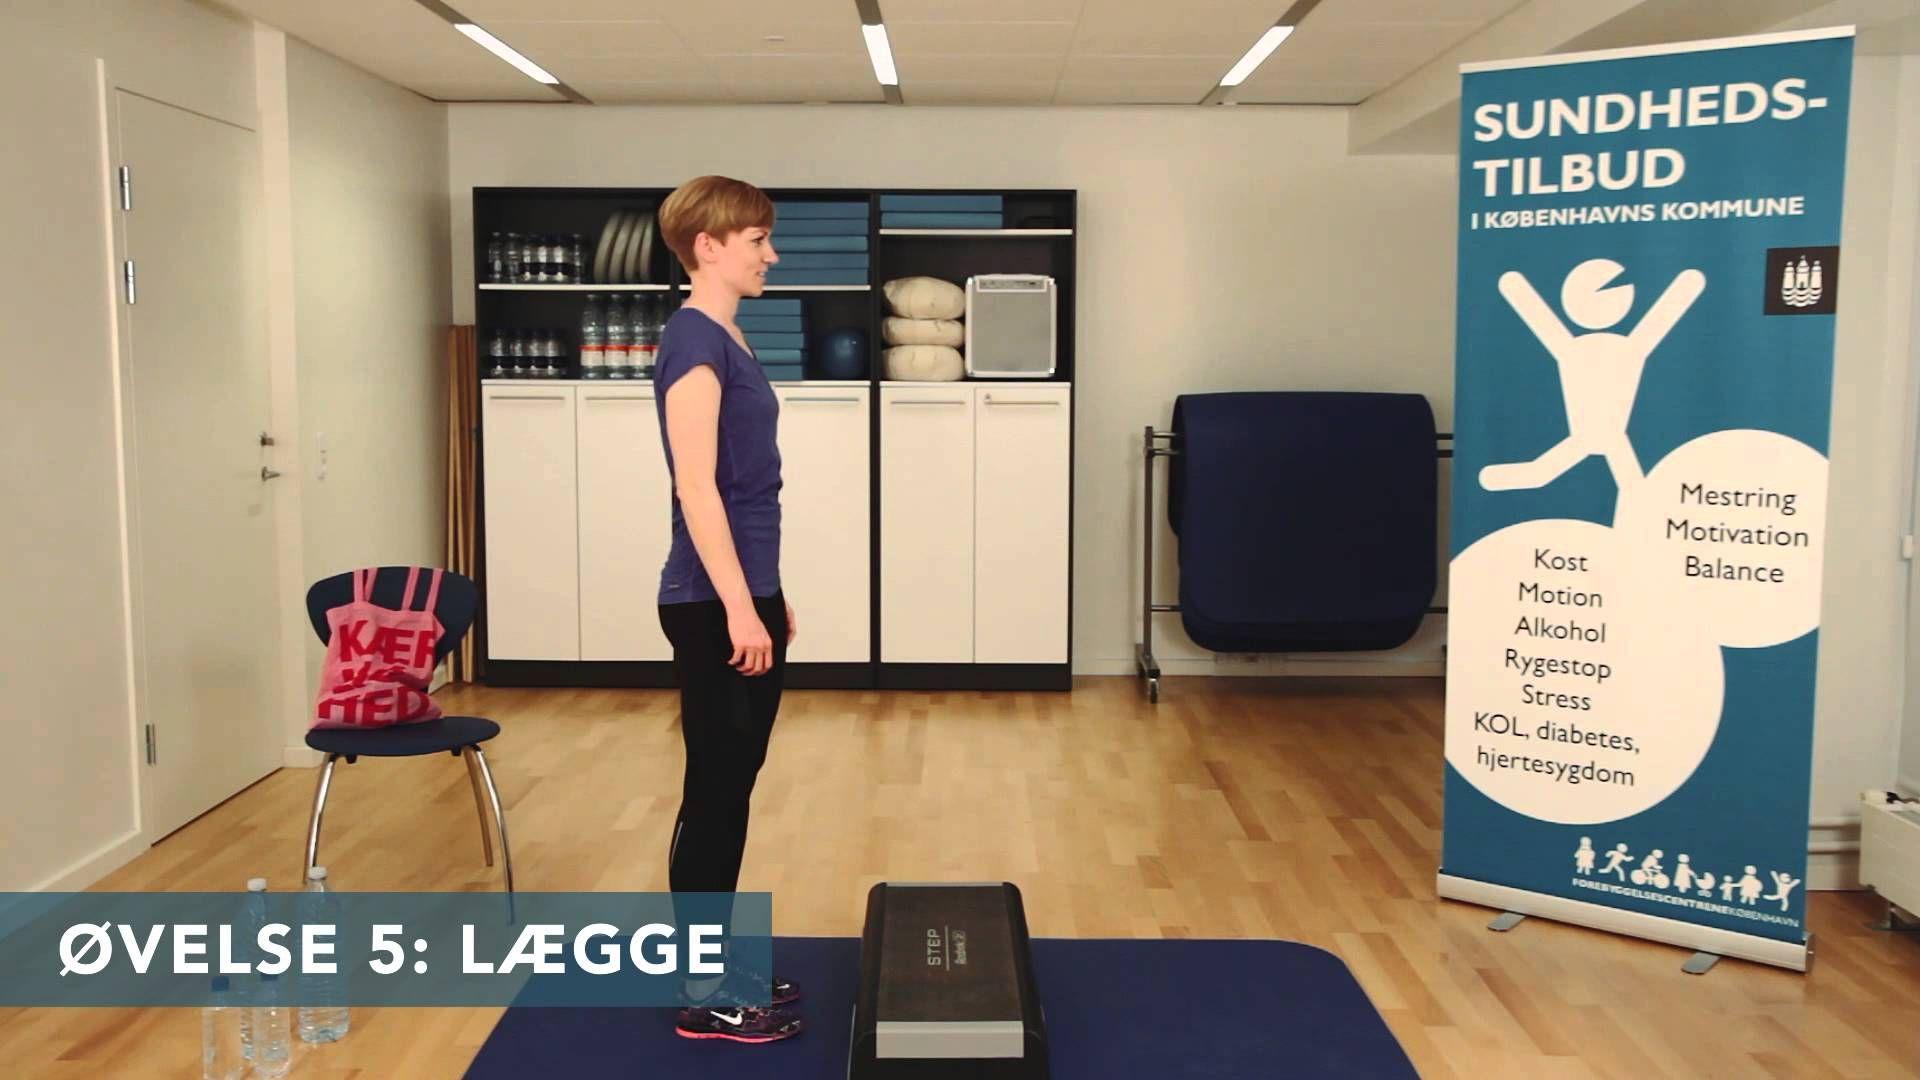 Hjemmetræning: 10 øvelser u. musik -Sundhedshusene i København